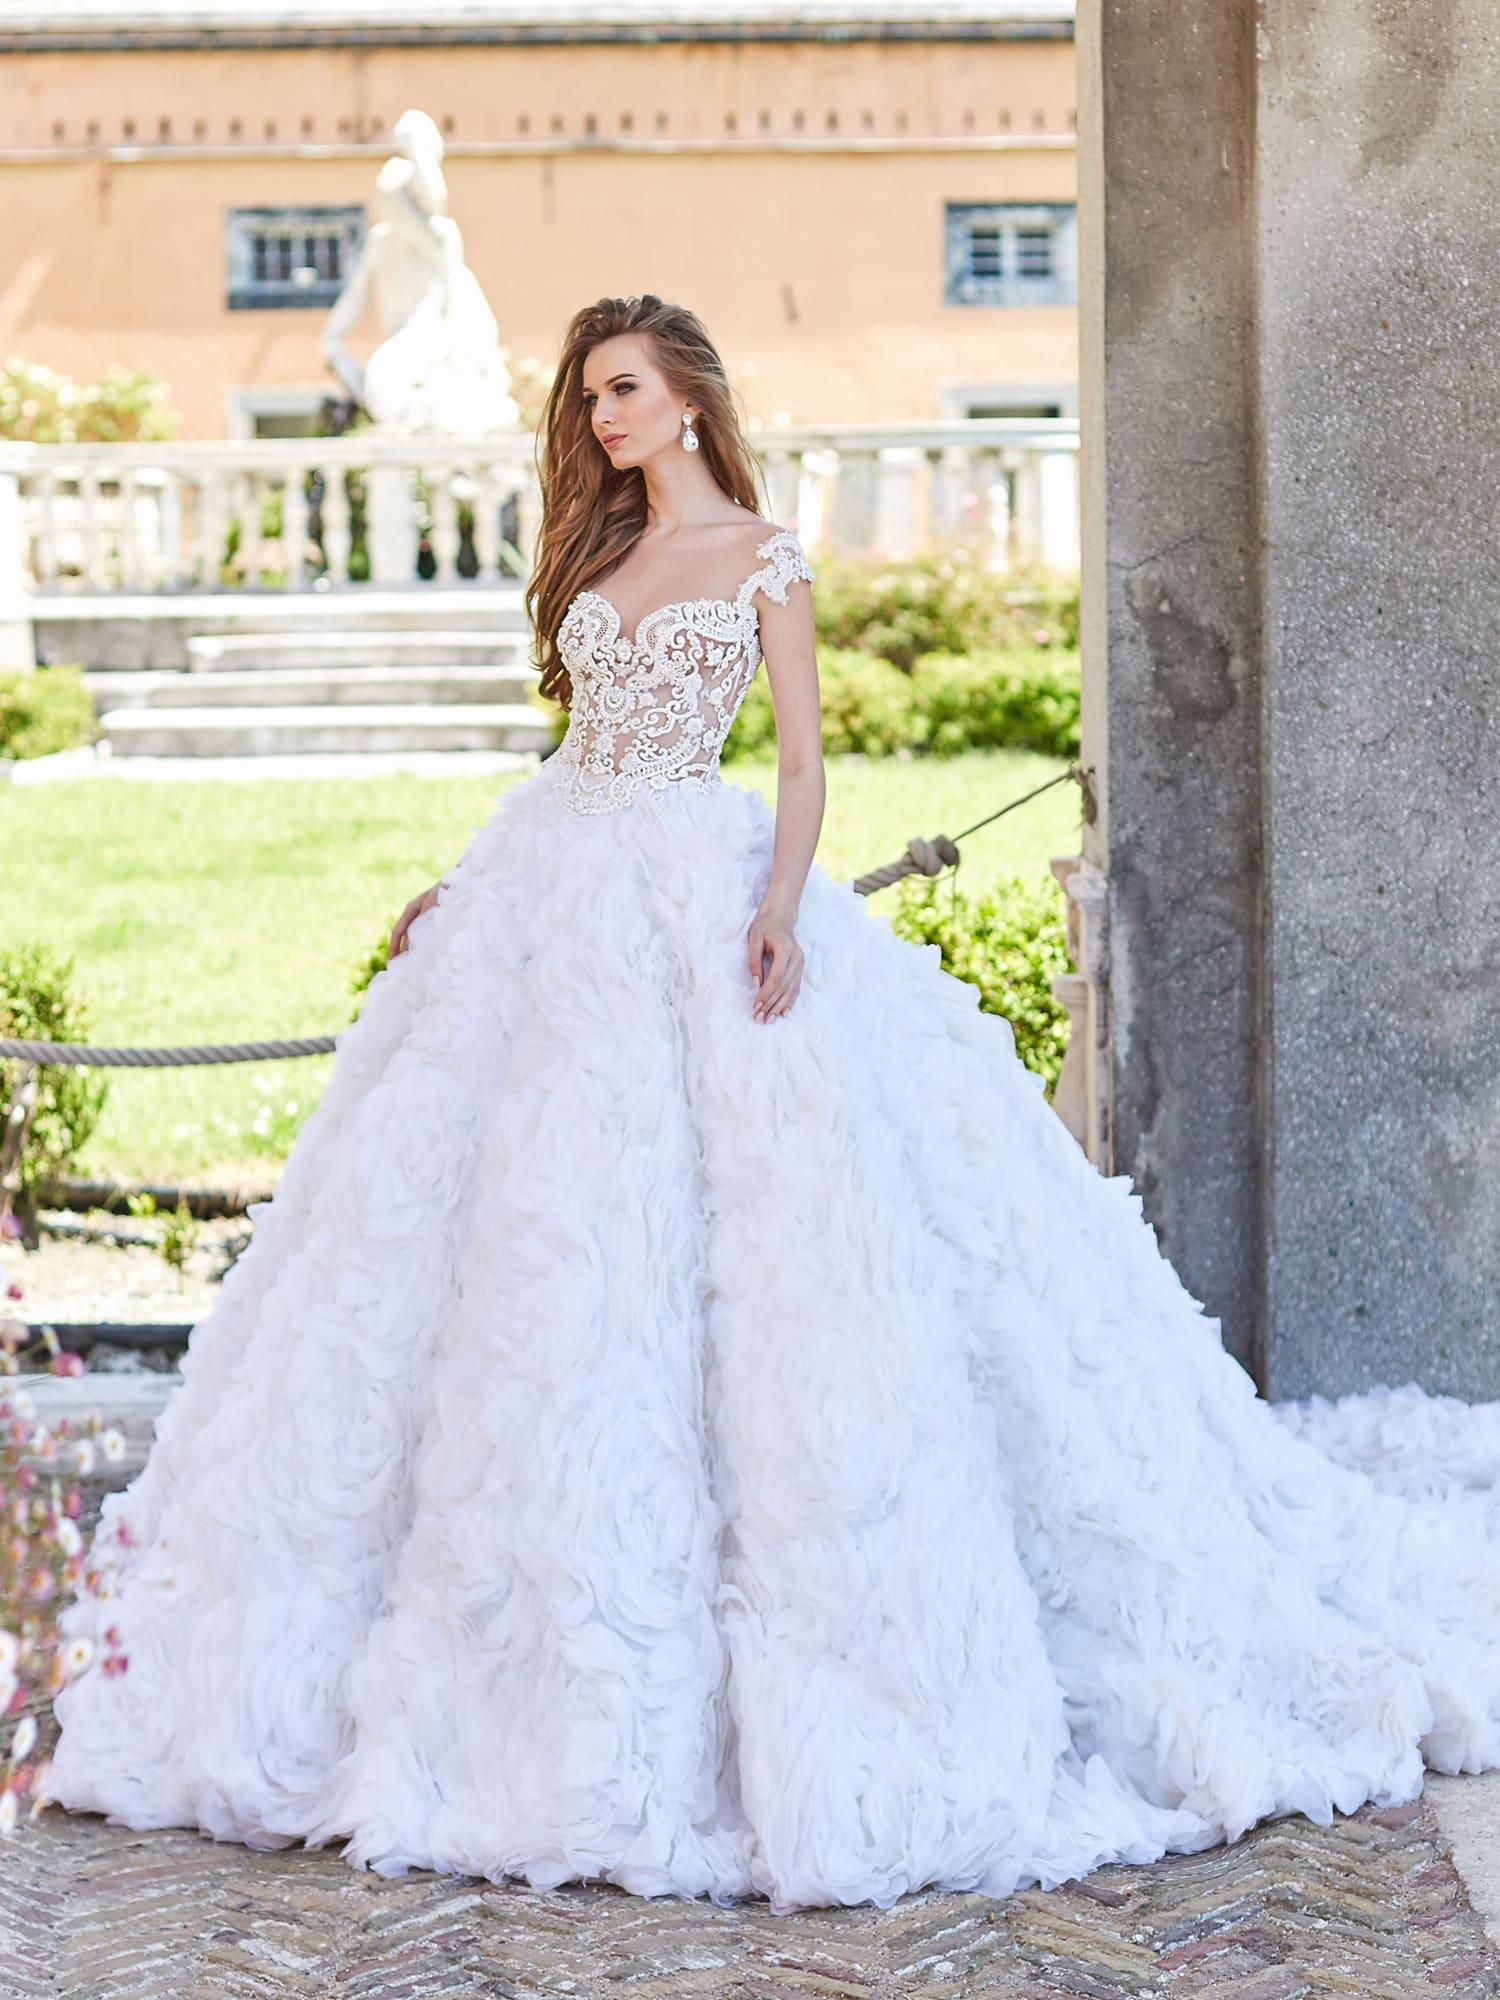 568a1870a2ffe4 Свадебное платье Оксана Муха Florencia ▷ Свадебный Торговый Центр ...